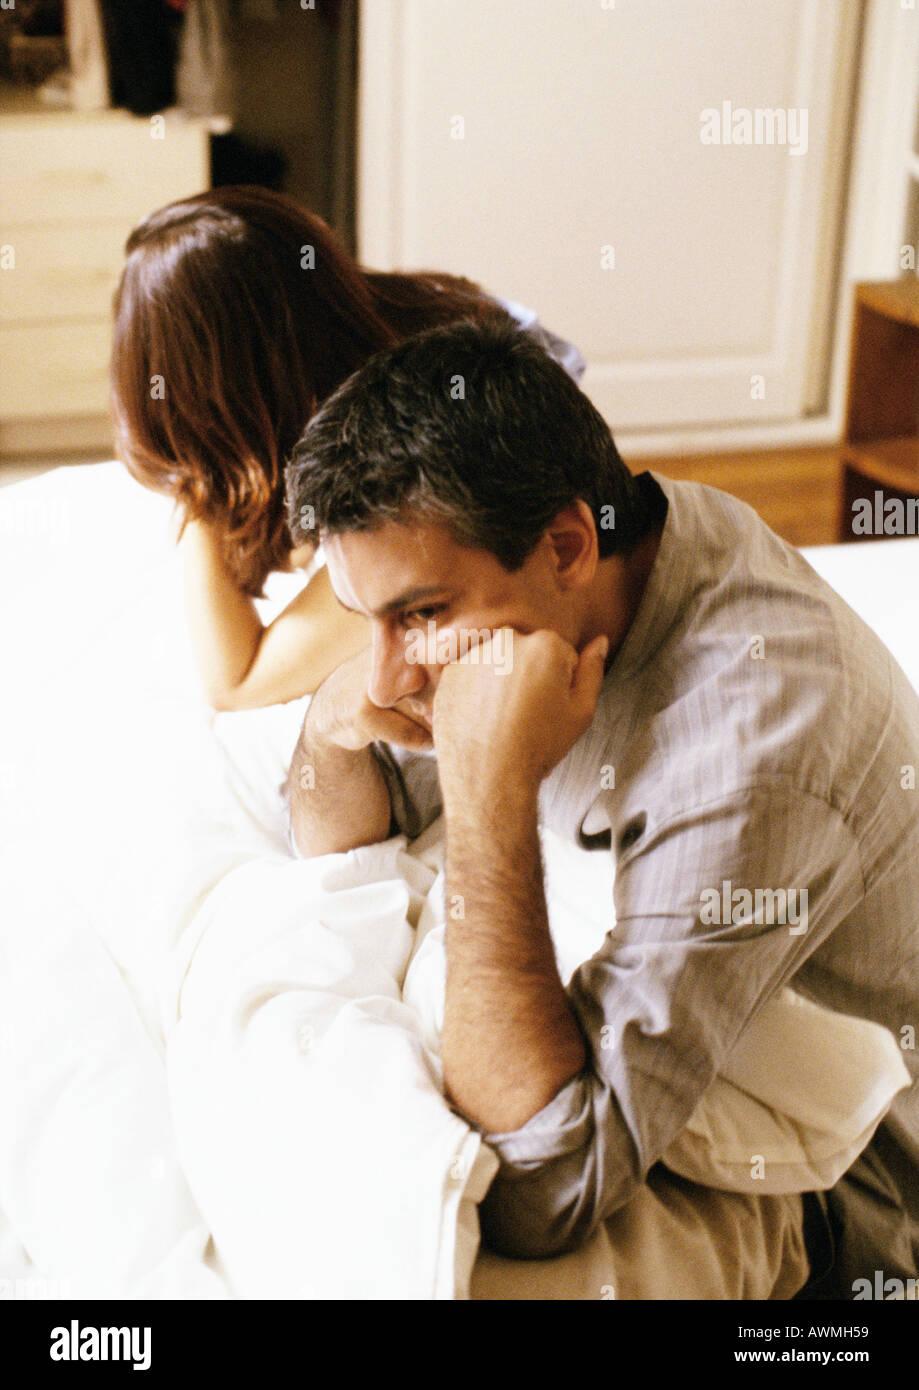 L'homme et la femme s'asseyant sur son lit, se penchant sur les mains, les têtes jusqu'à la taille, side view Banque D'Images